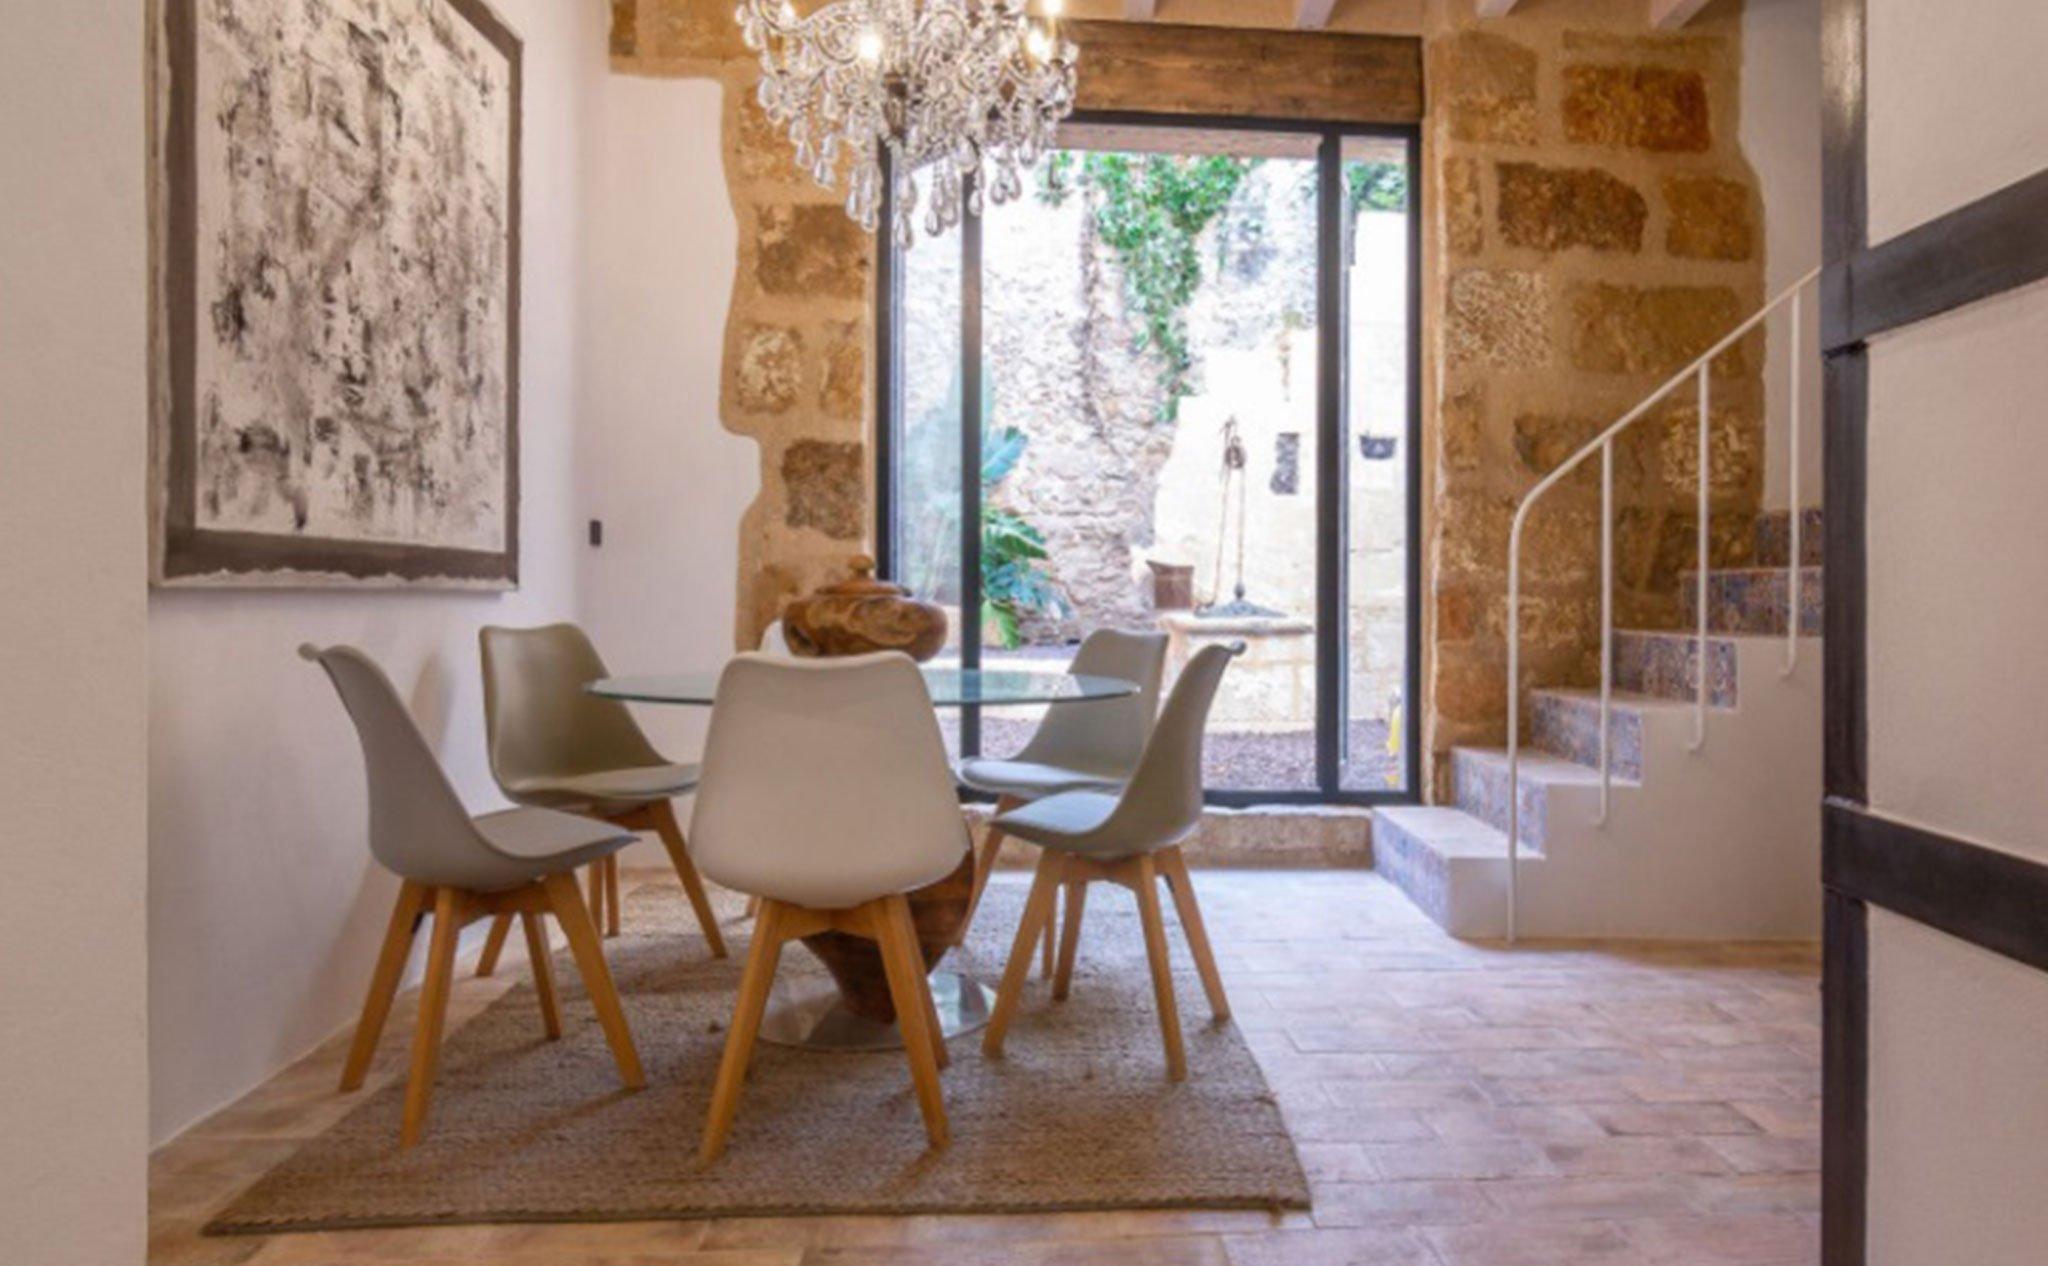 Comedor de una casa de pueblo en venta en el centro de Xàbia – MORAGUESPONS Mediterranean Houses